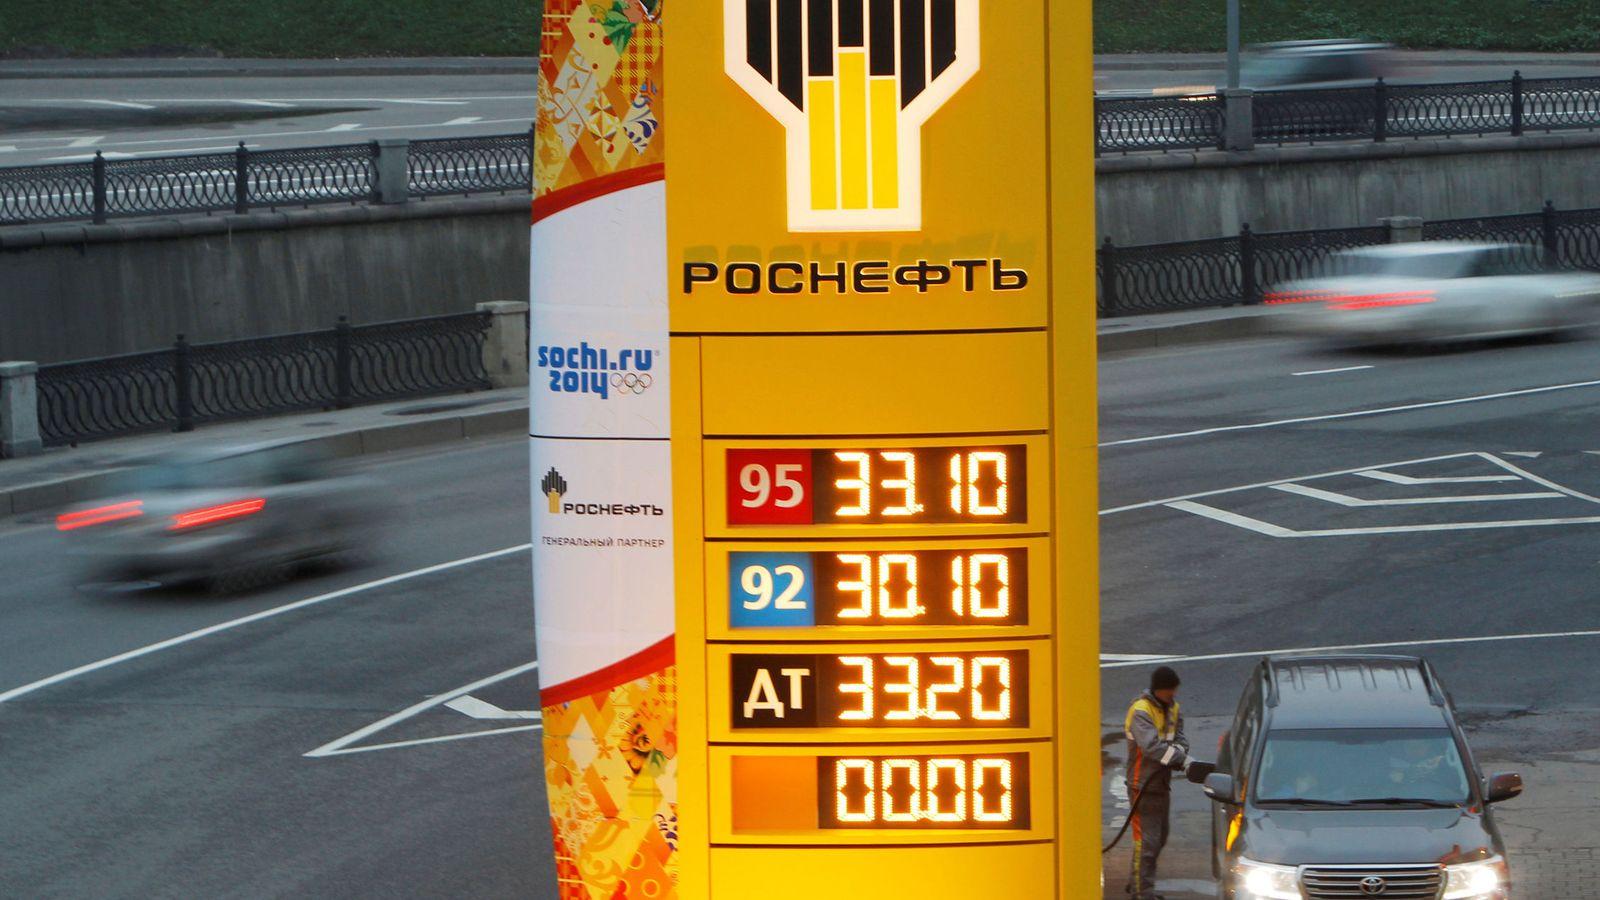 Foto: Una estación de servicio de Rosneft a las afueras de Moscú. (Reuters)